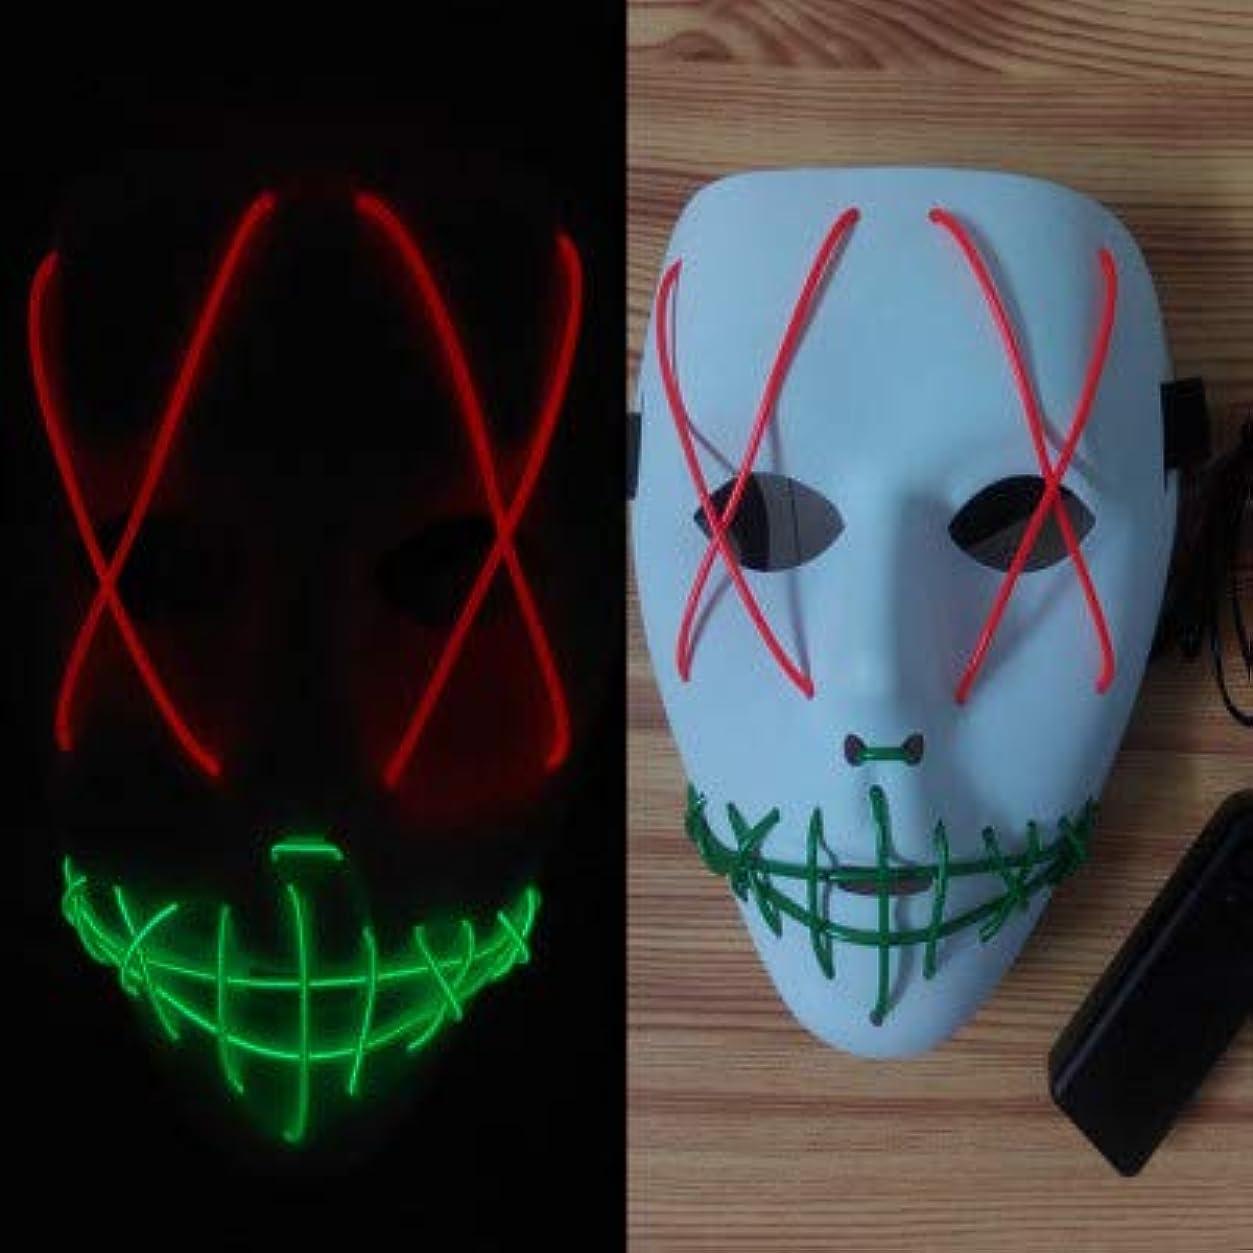 輝く不気味なマスク、祭りのハロウィーンの衣装、コスプレパーティー